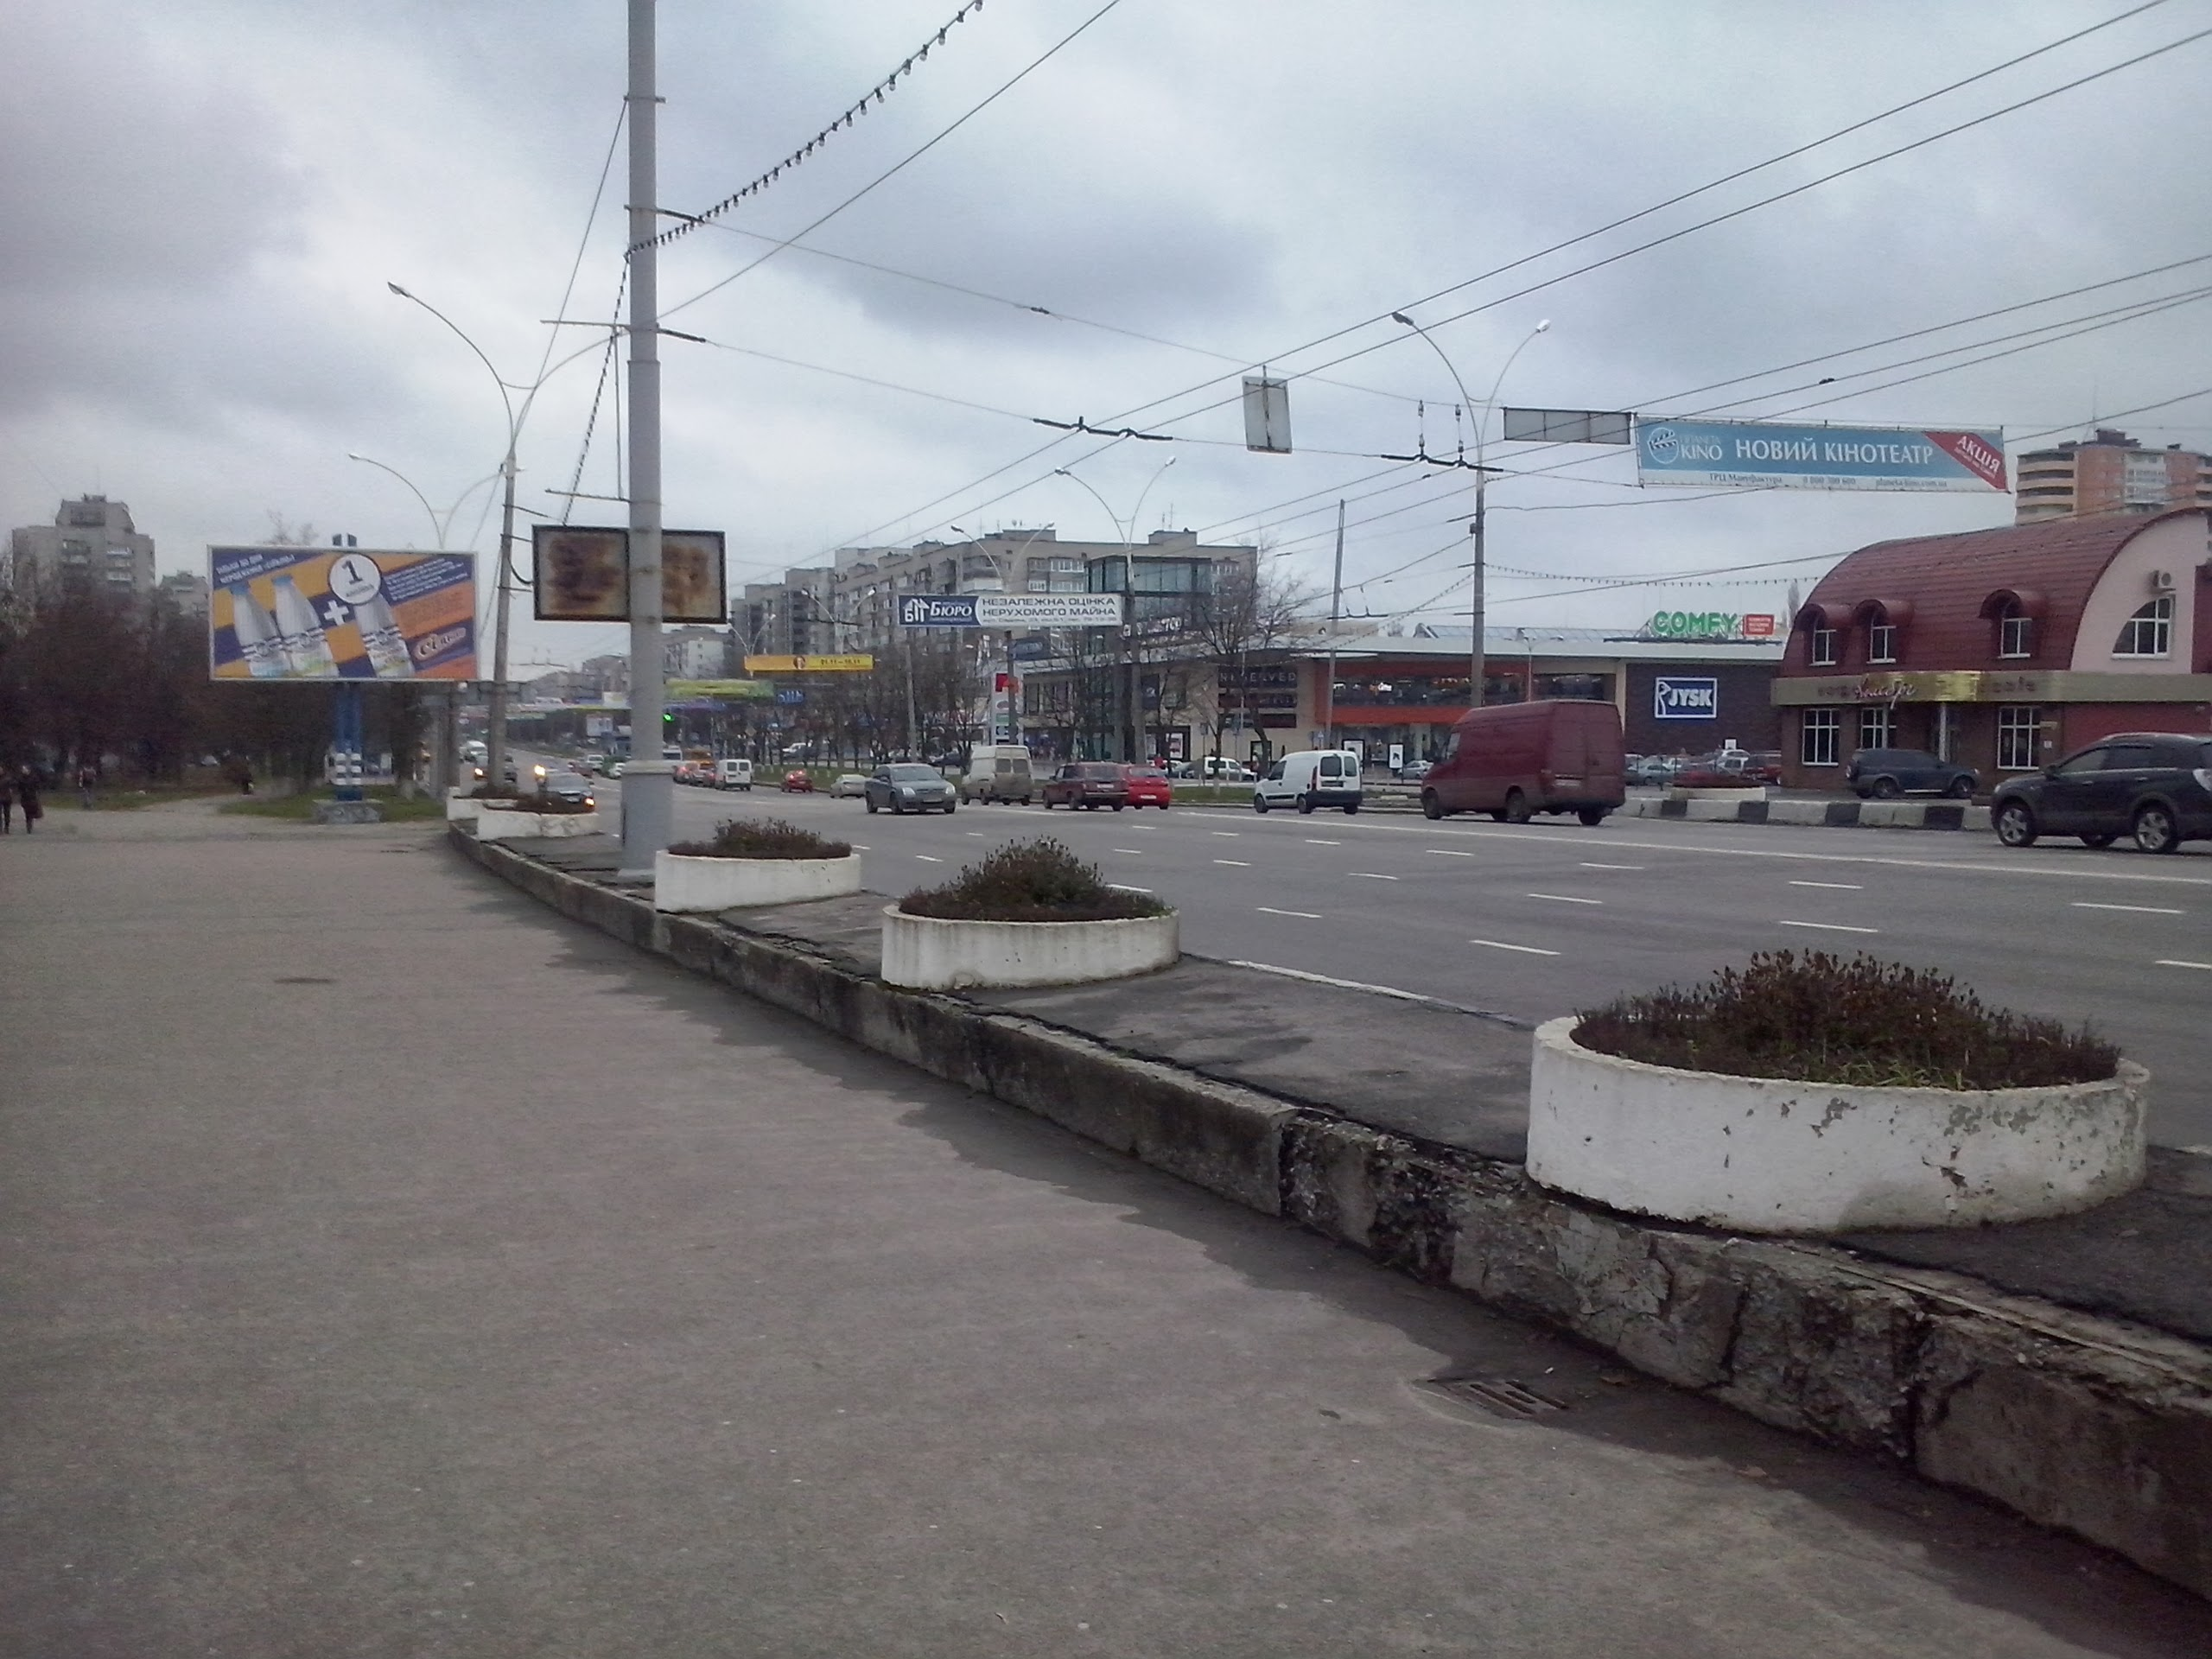 осиб тихорецкий бульвар д.10 схема проезда